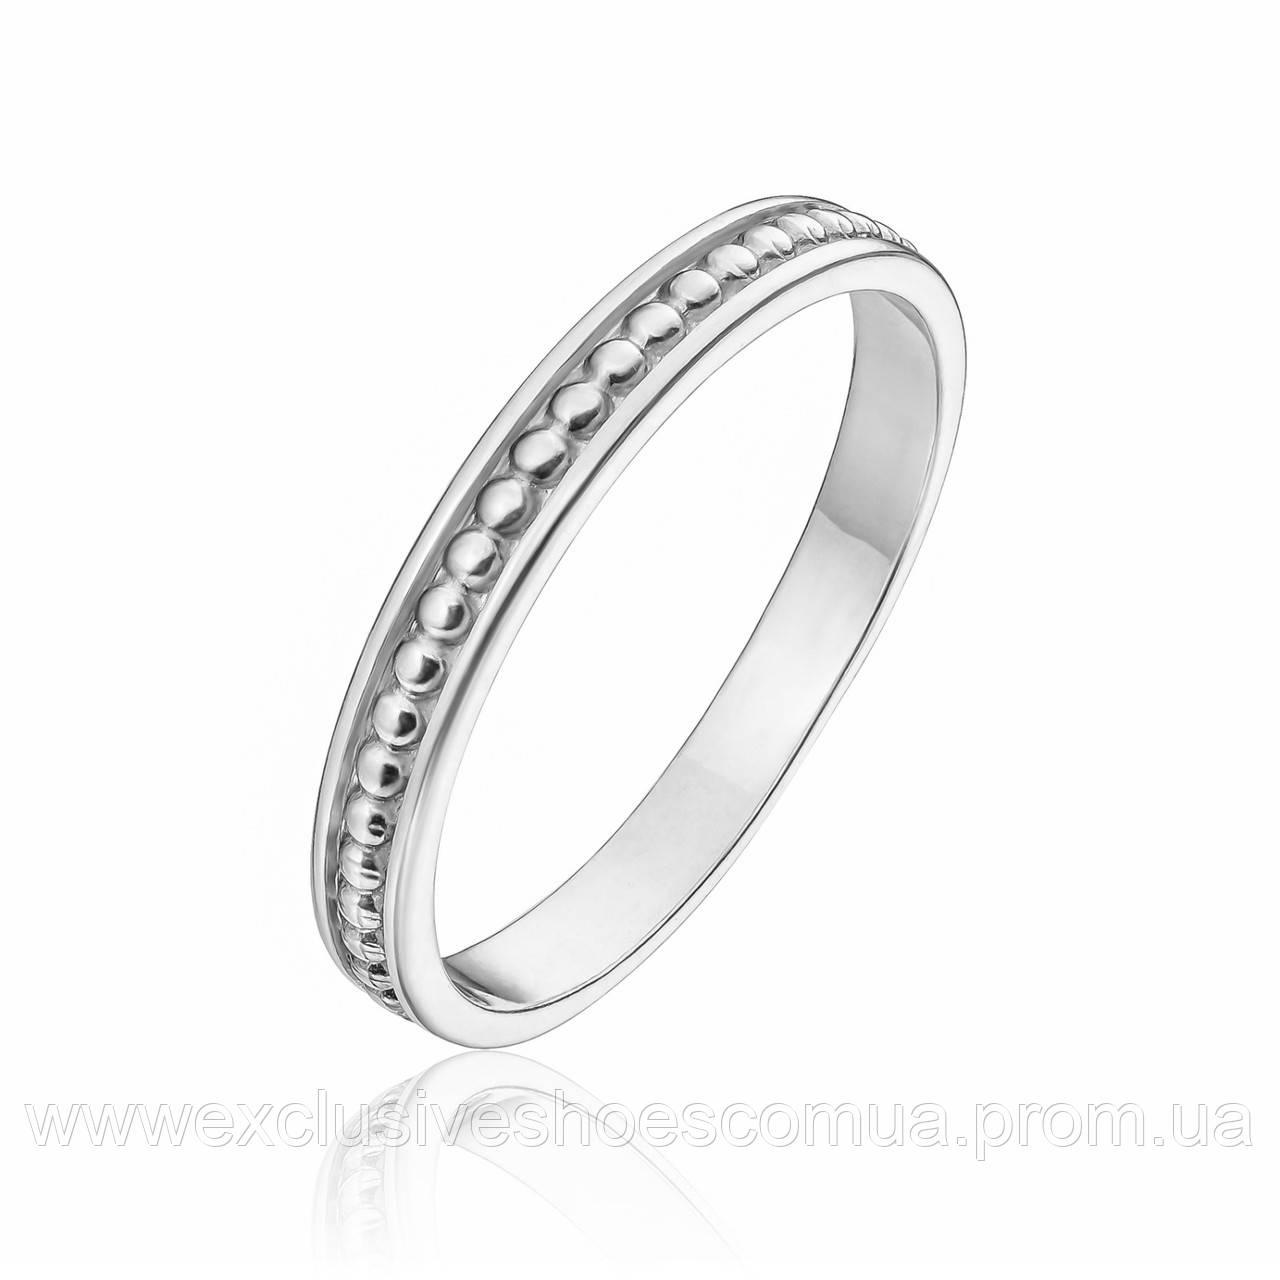 Серебряное кольцо без вставок, Avangard, 910151